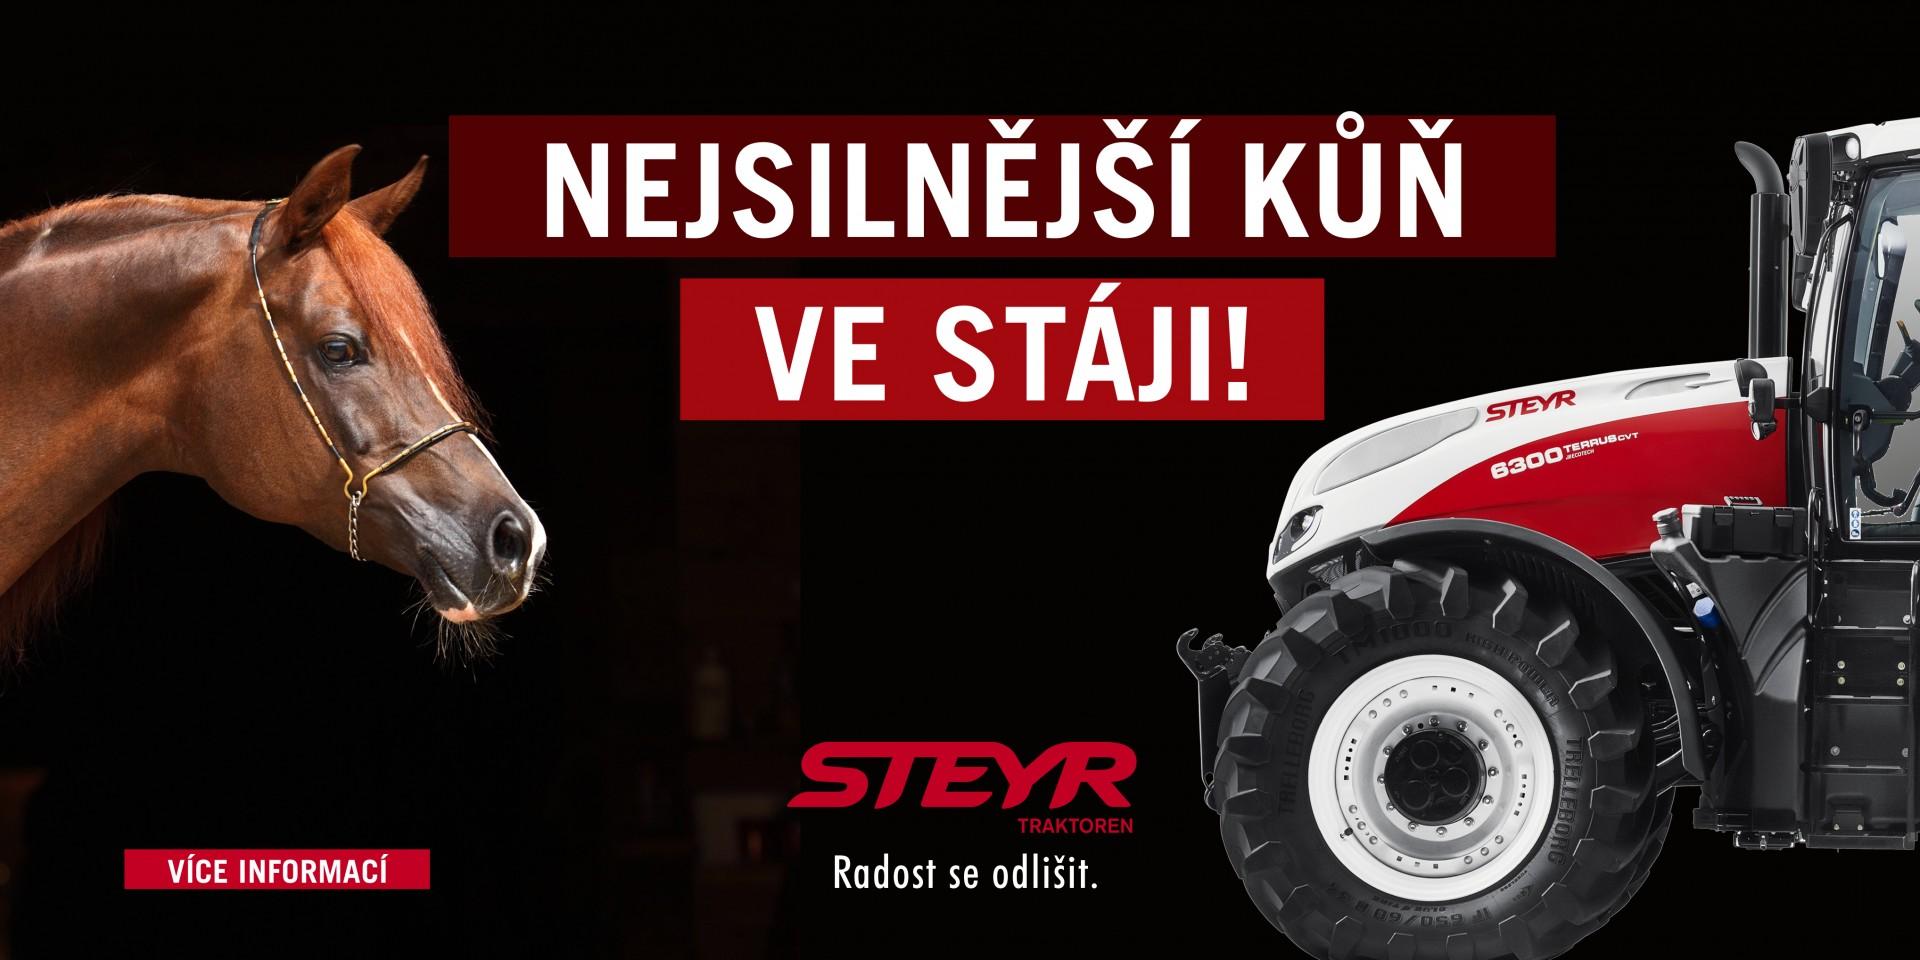 Nejsilnější kůň ve stáji Steyr